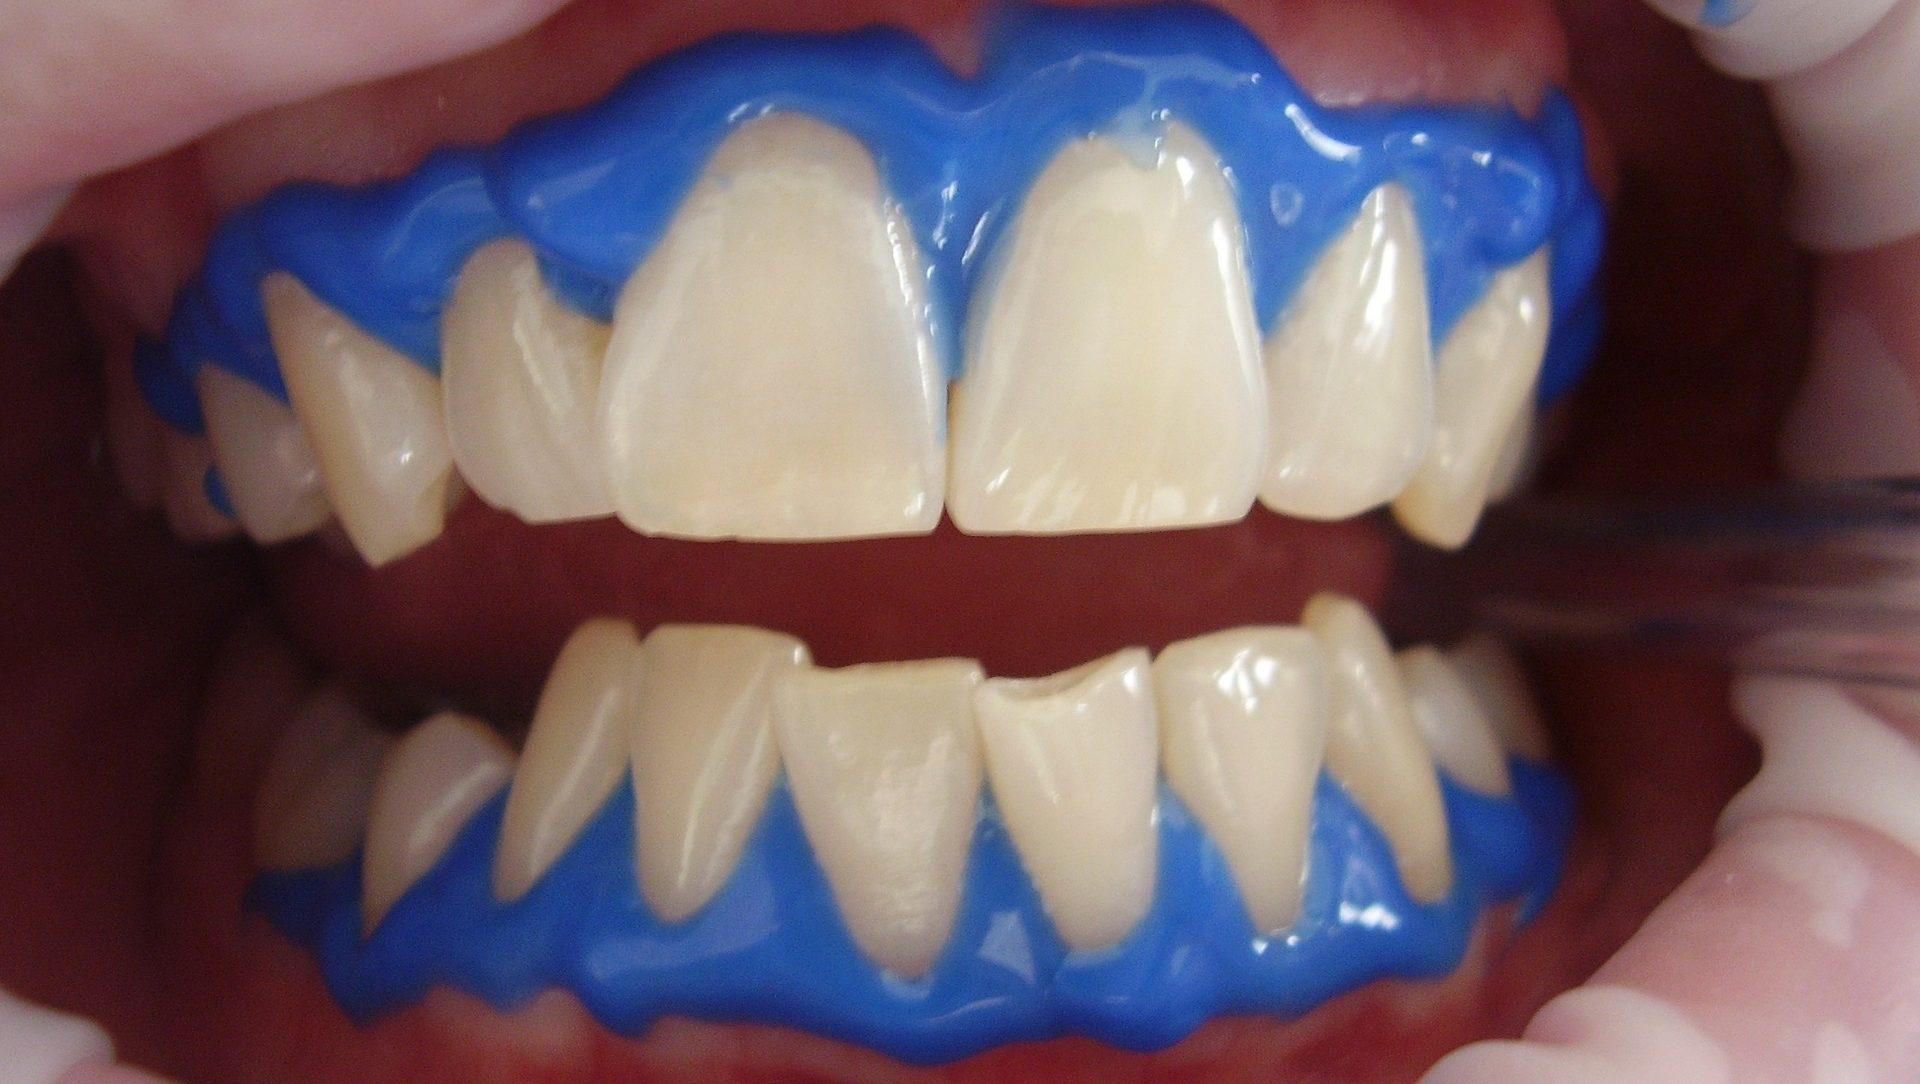 Tanden bleken2-1